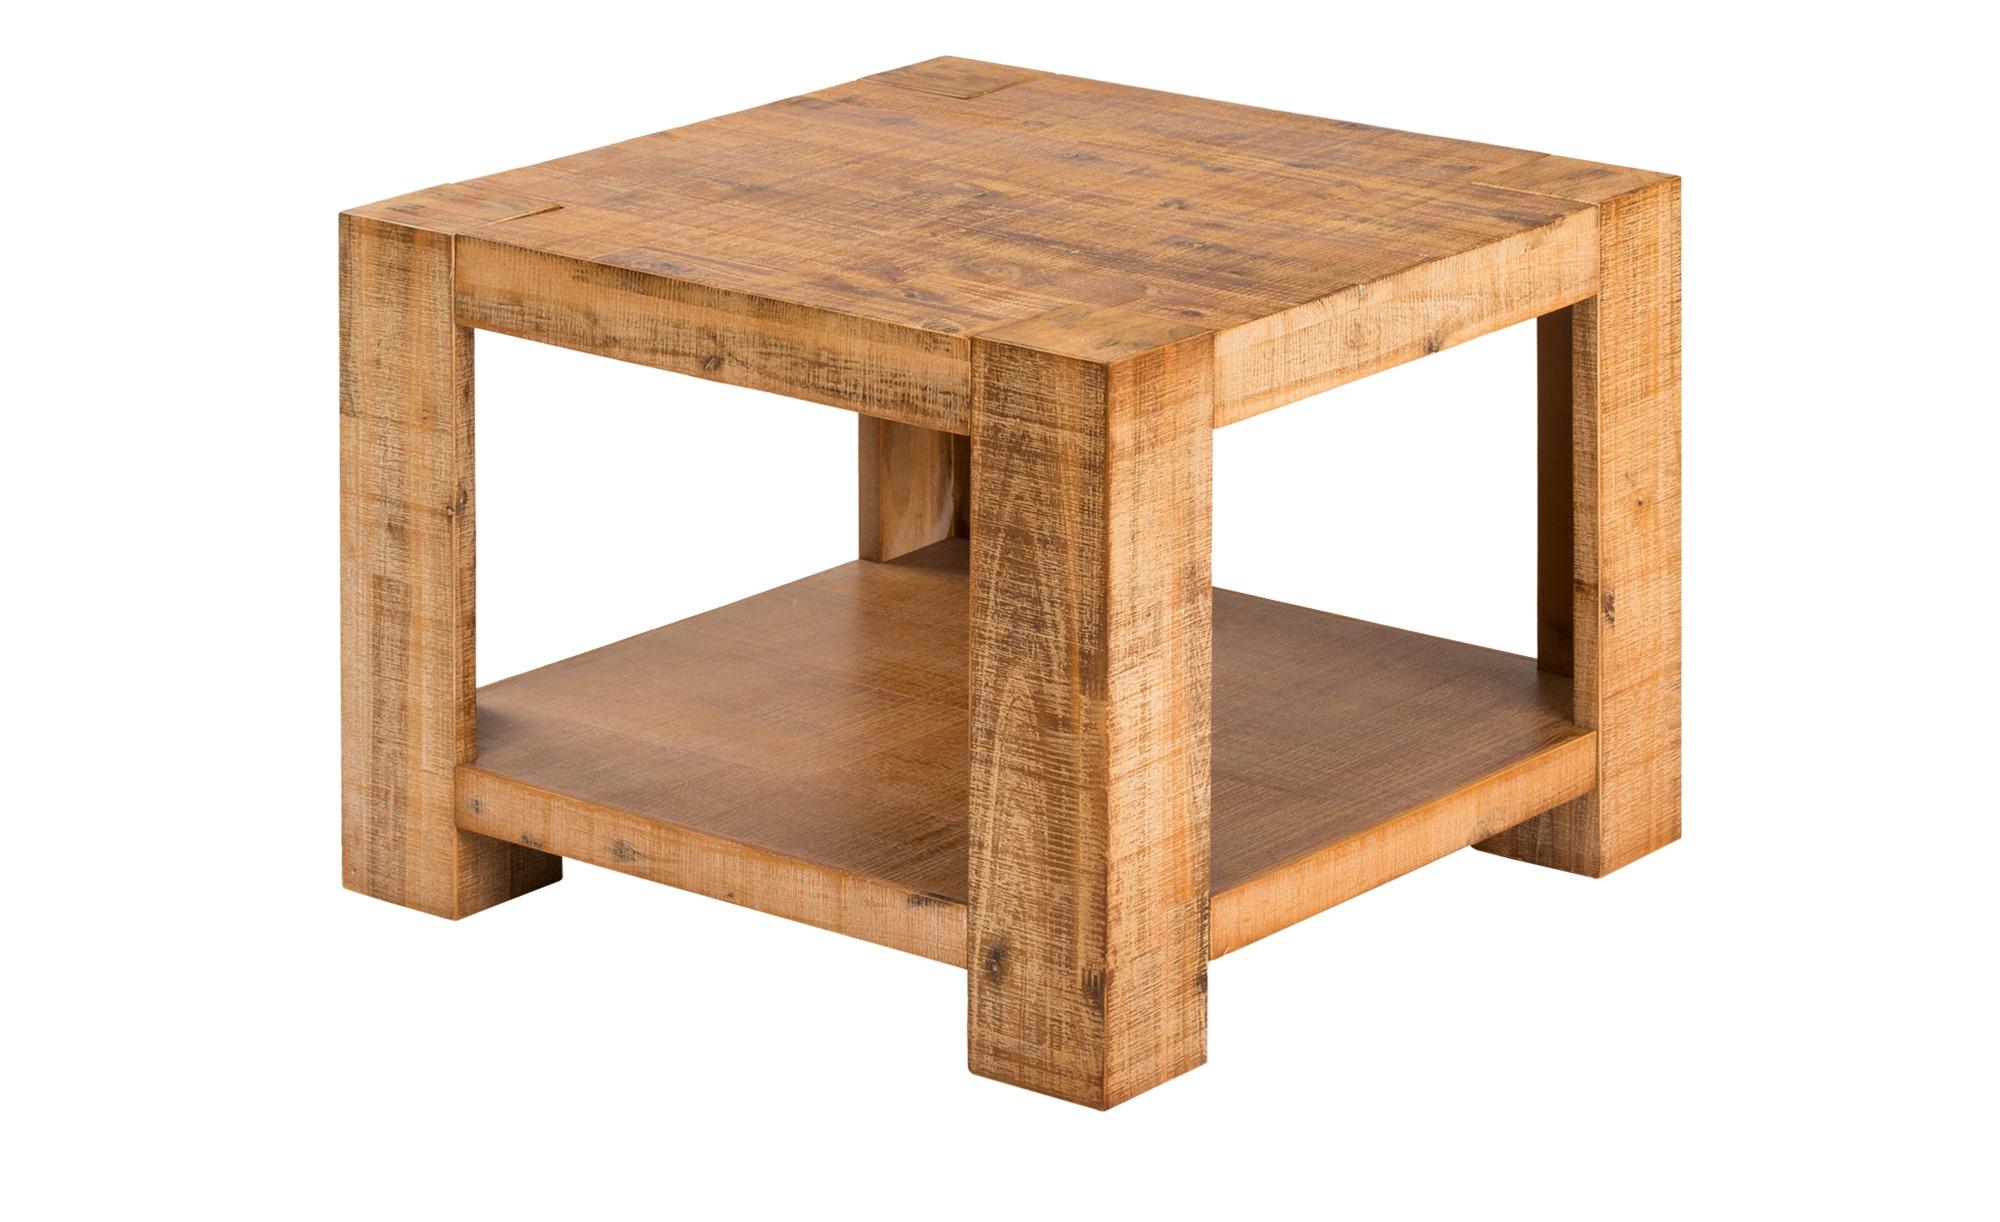 Couchtisch Akazienholz massiv  Tinetto ¦ holzfarben ¦ Maße (cm): B: 60 H: 45 Tische > Couchtische > Couchtisch Massivholz - Höffner